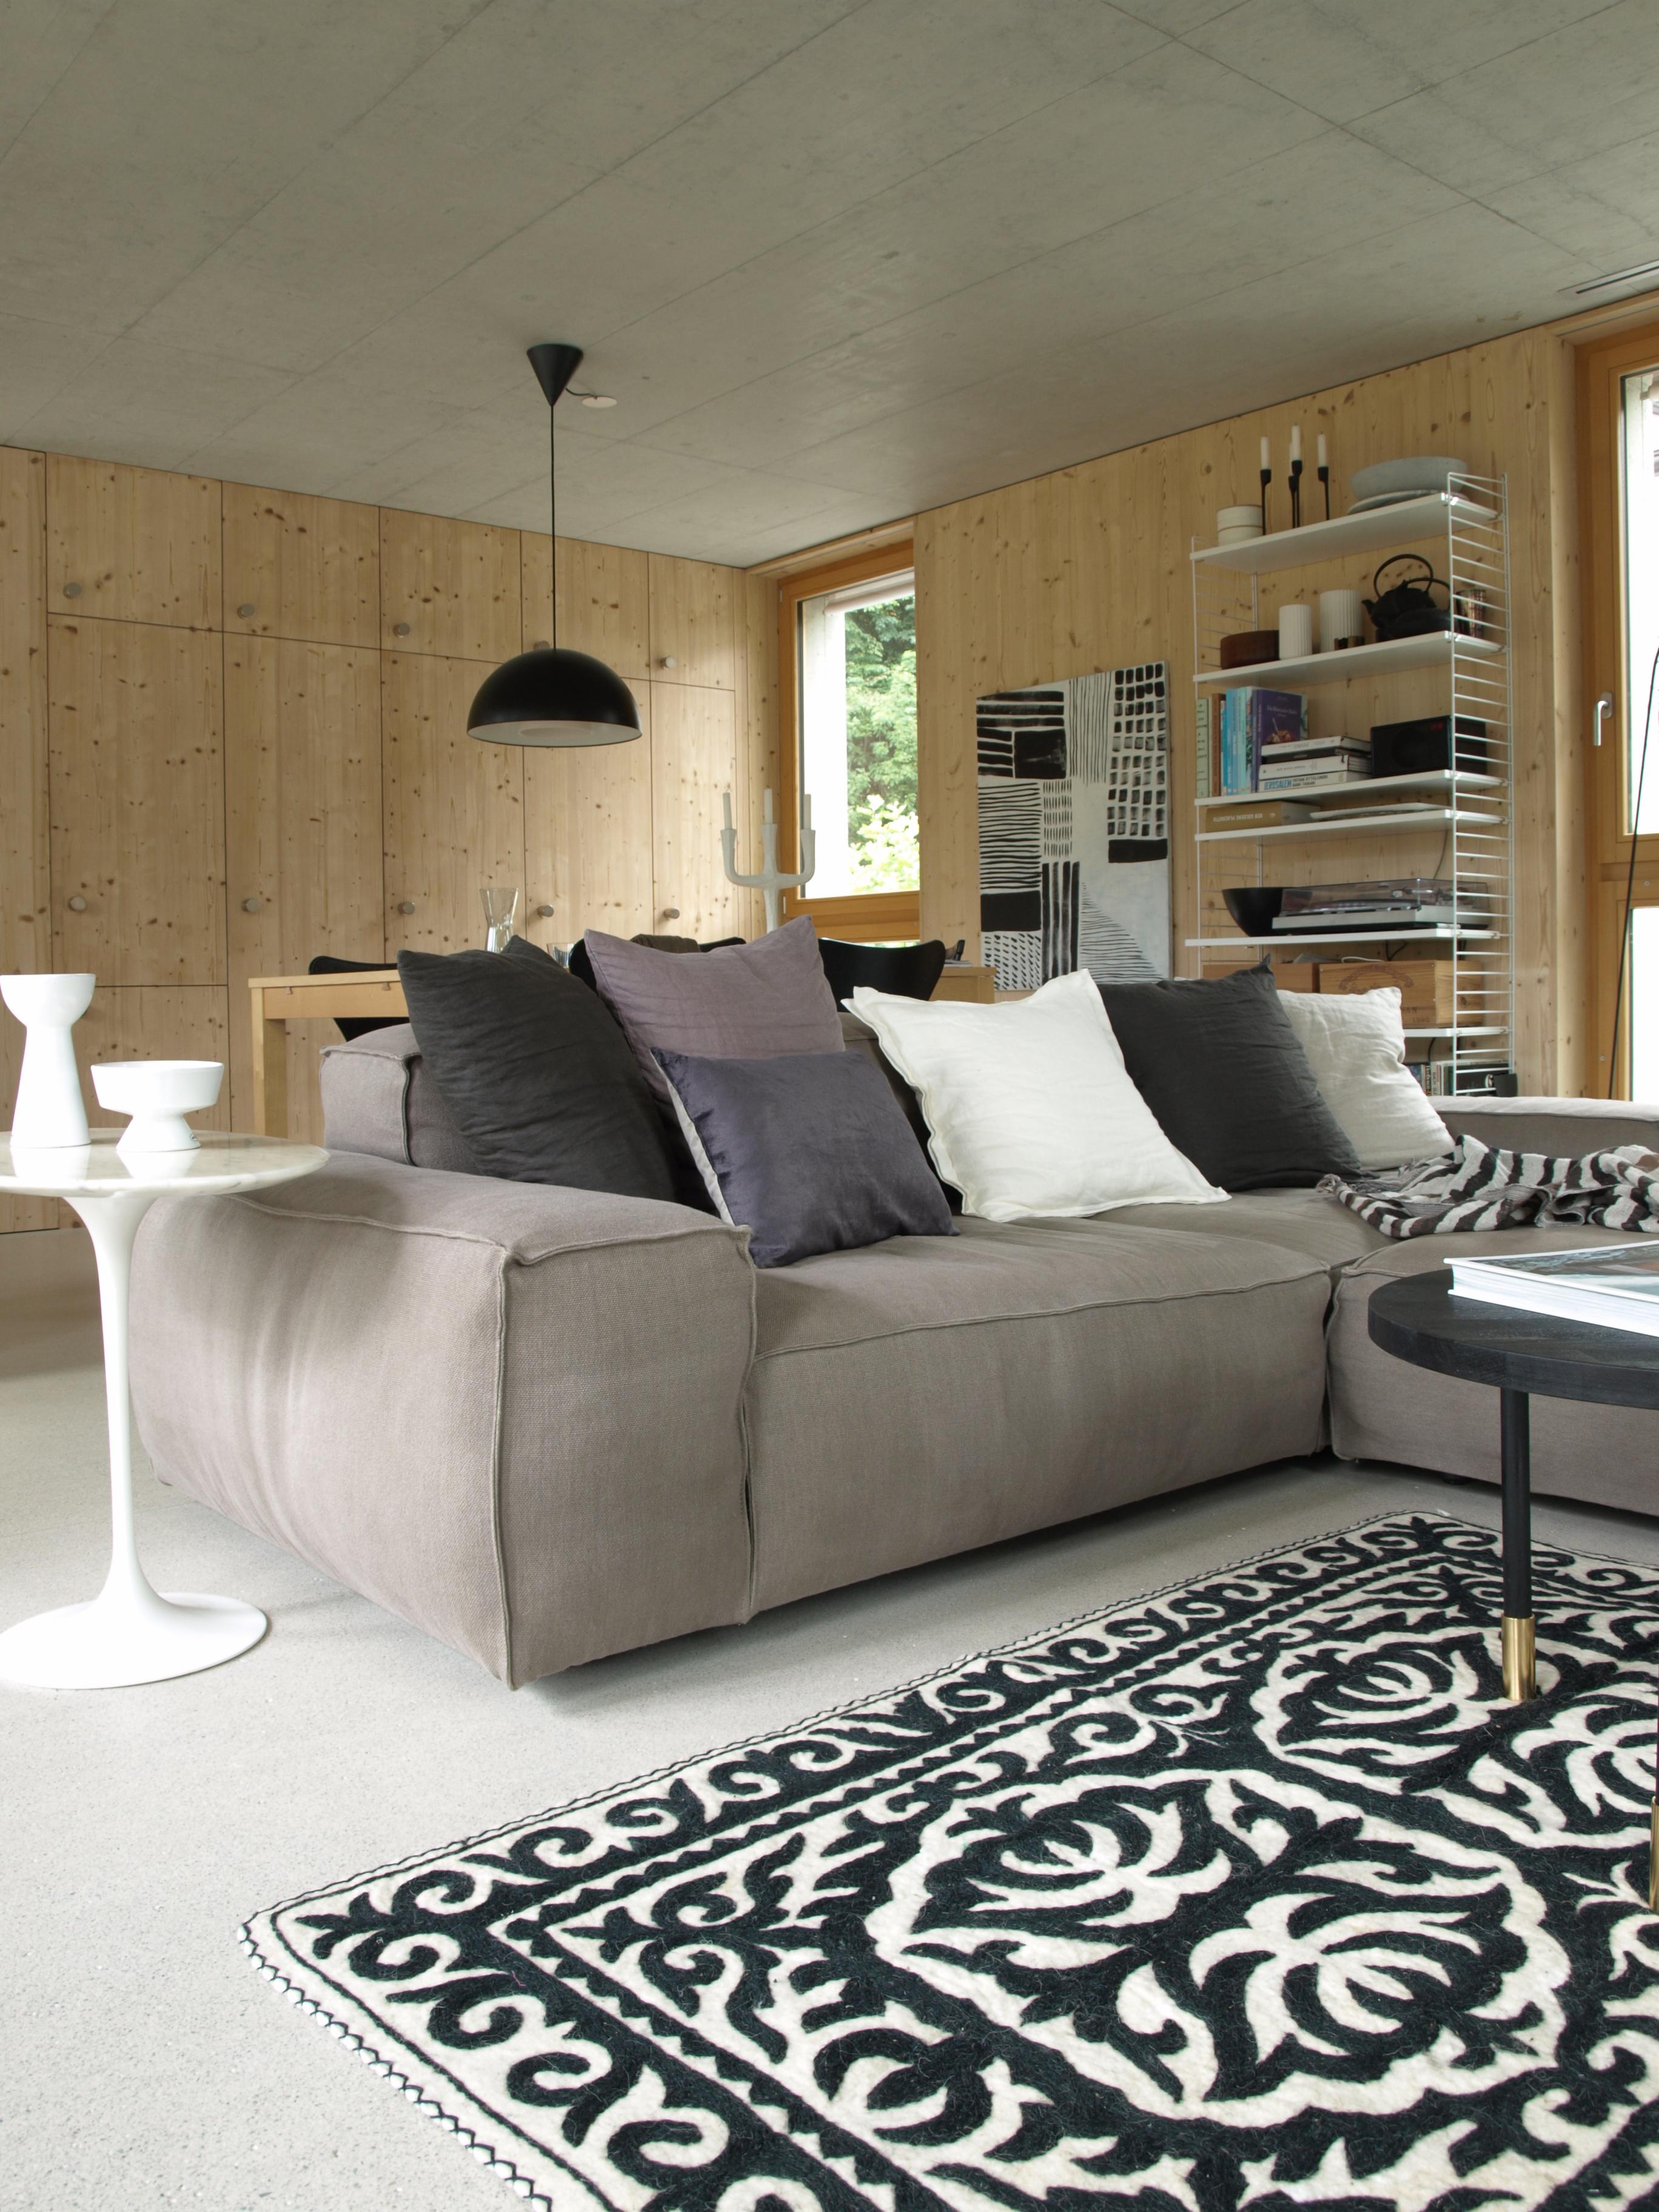 Die fichtenholz verkleidung der w nde ist herausforderung - Ubergardinen wohnzimmer ...